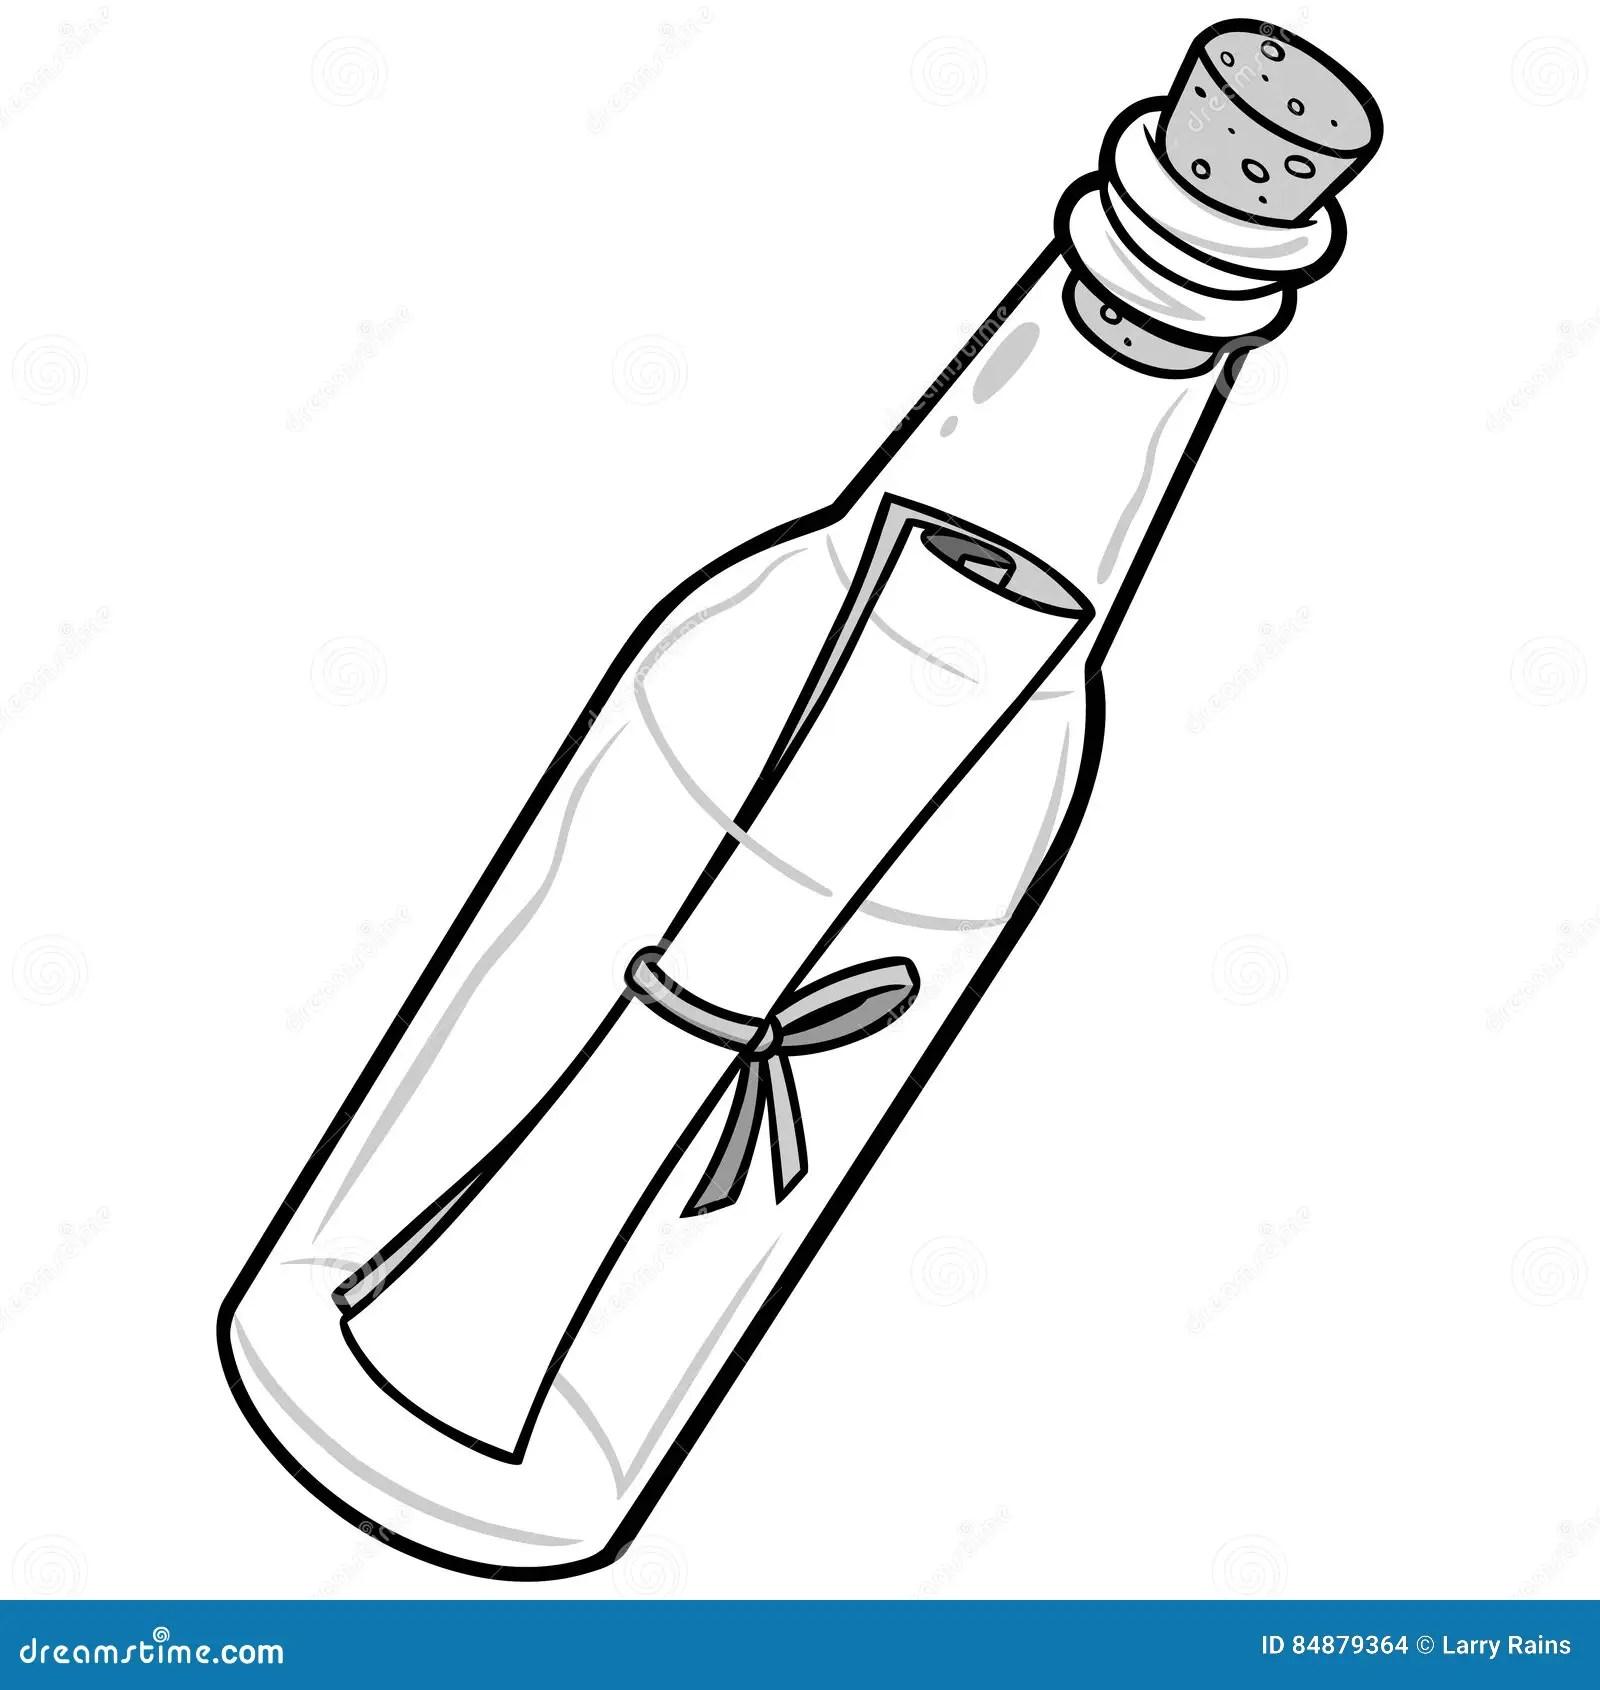 Cartoon Letter In A Bottle